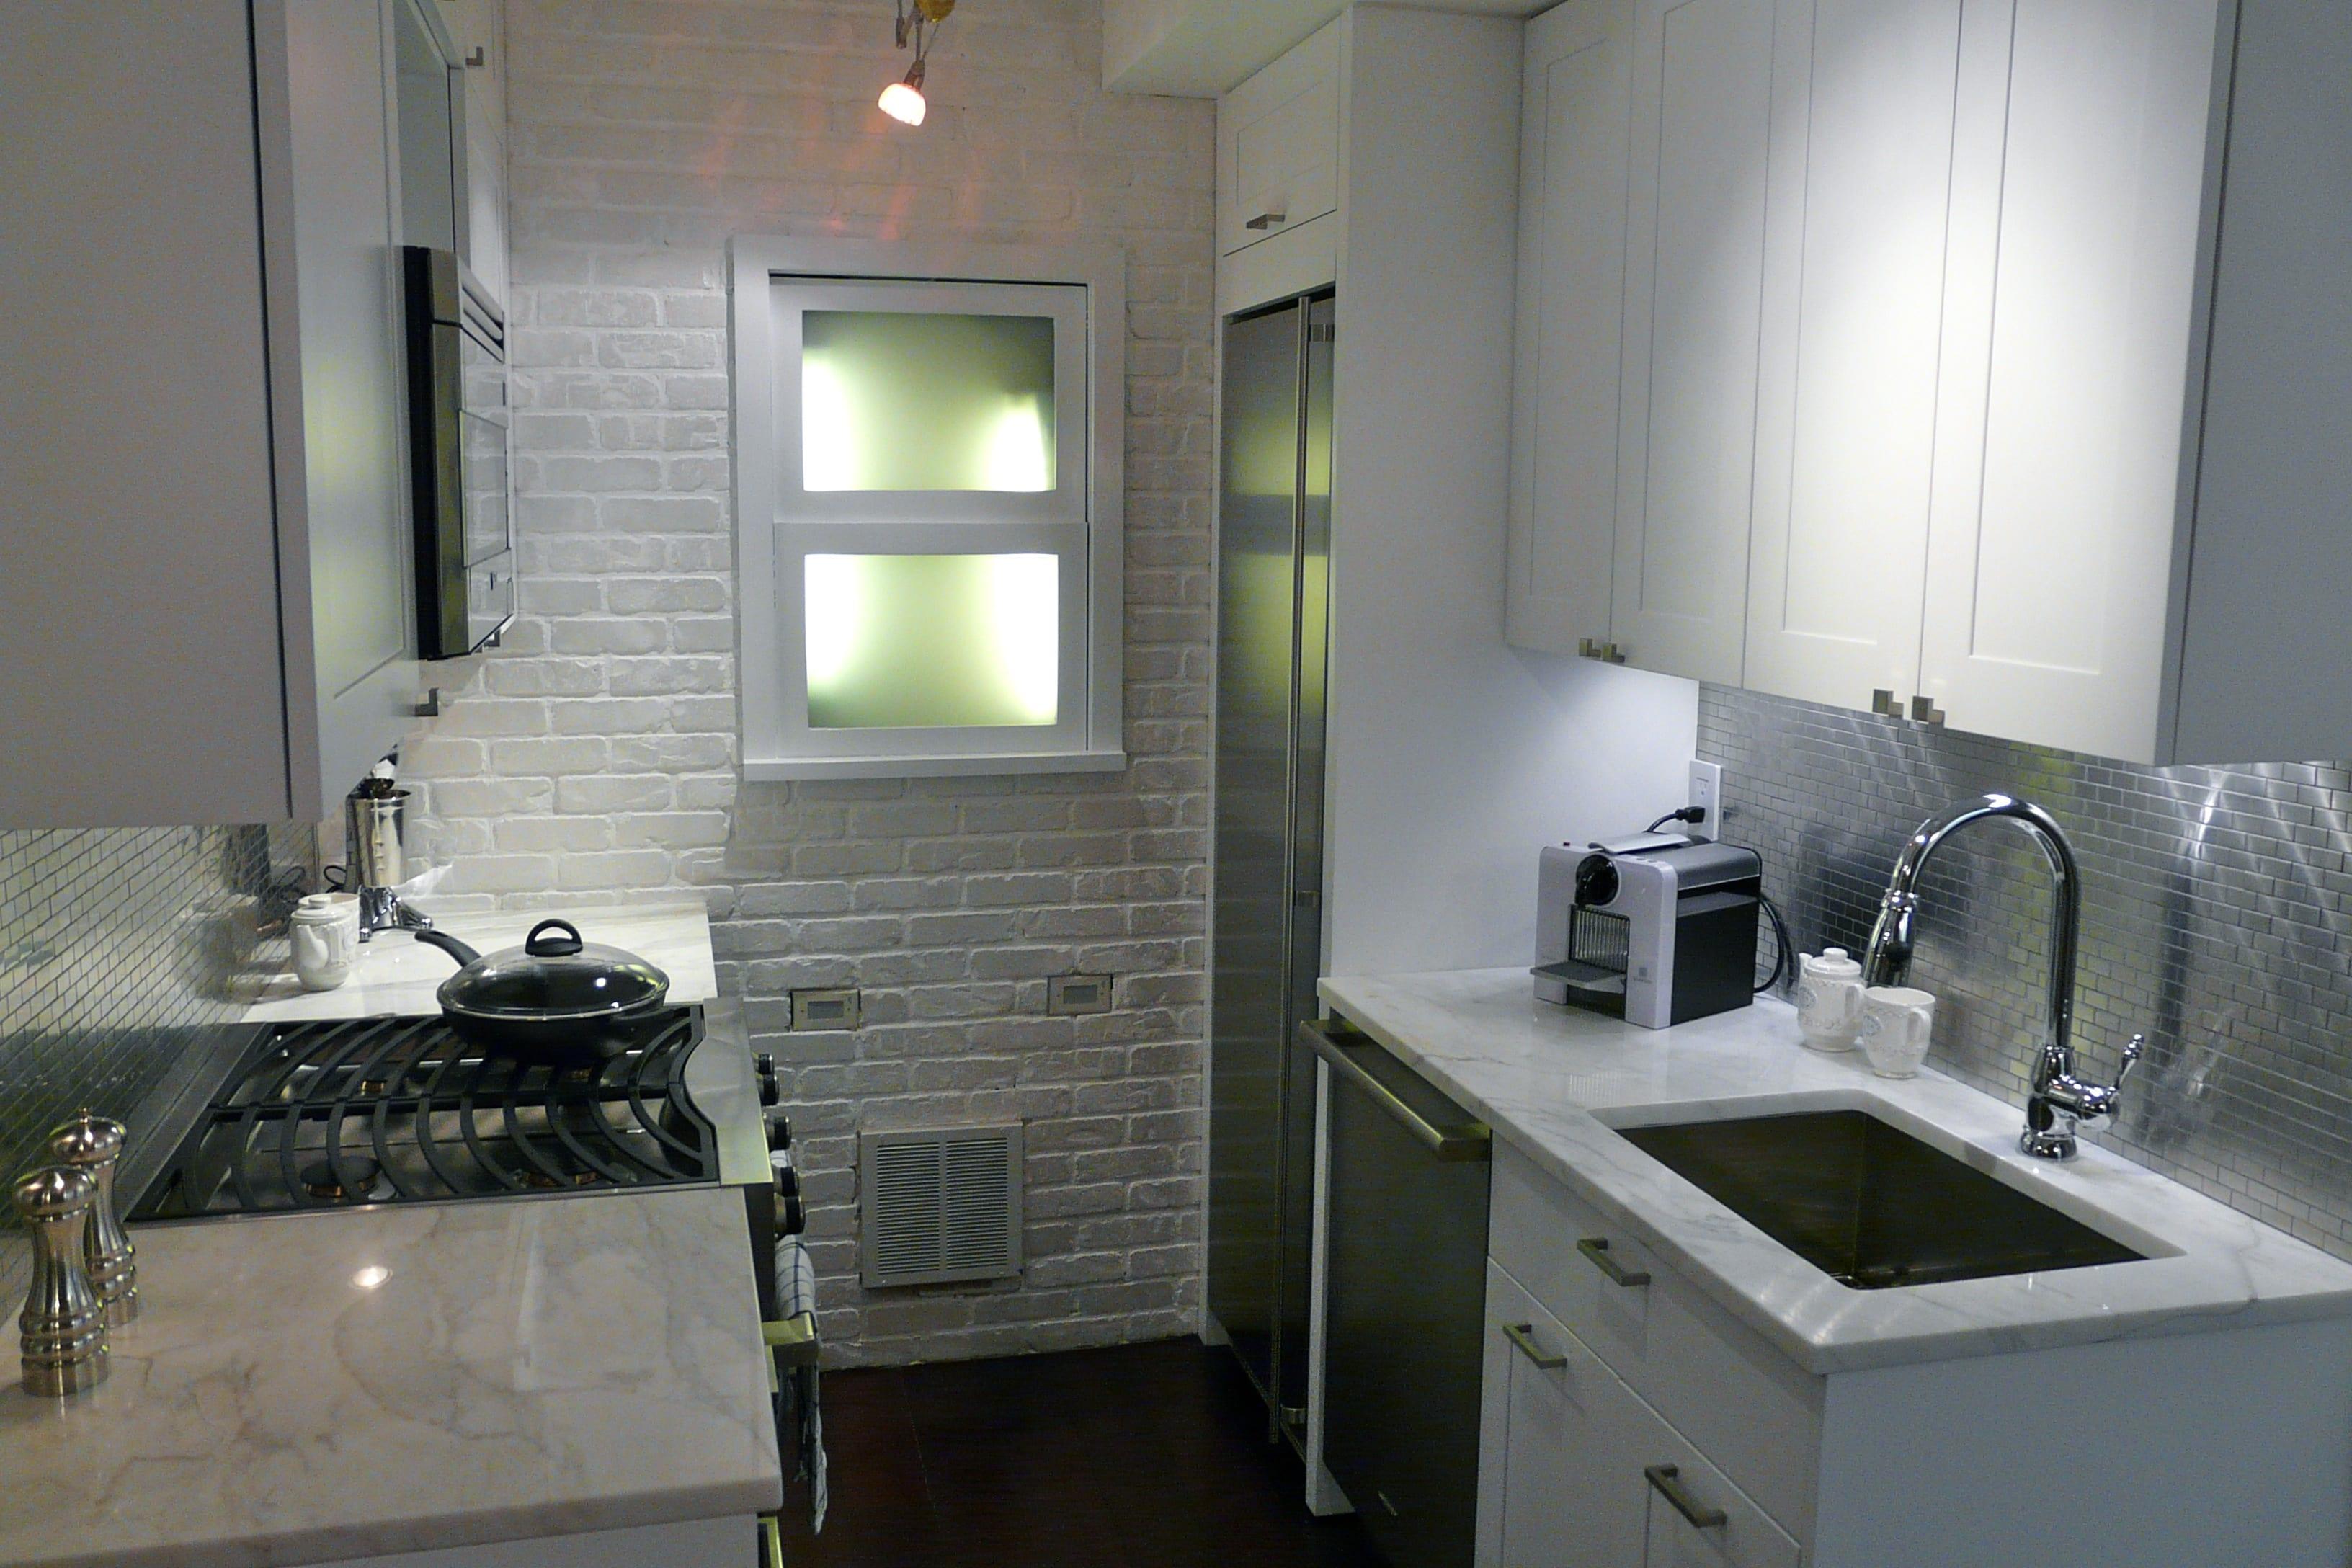 ziegelstein-als-motiv-in-der-kleinen-küche